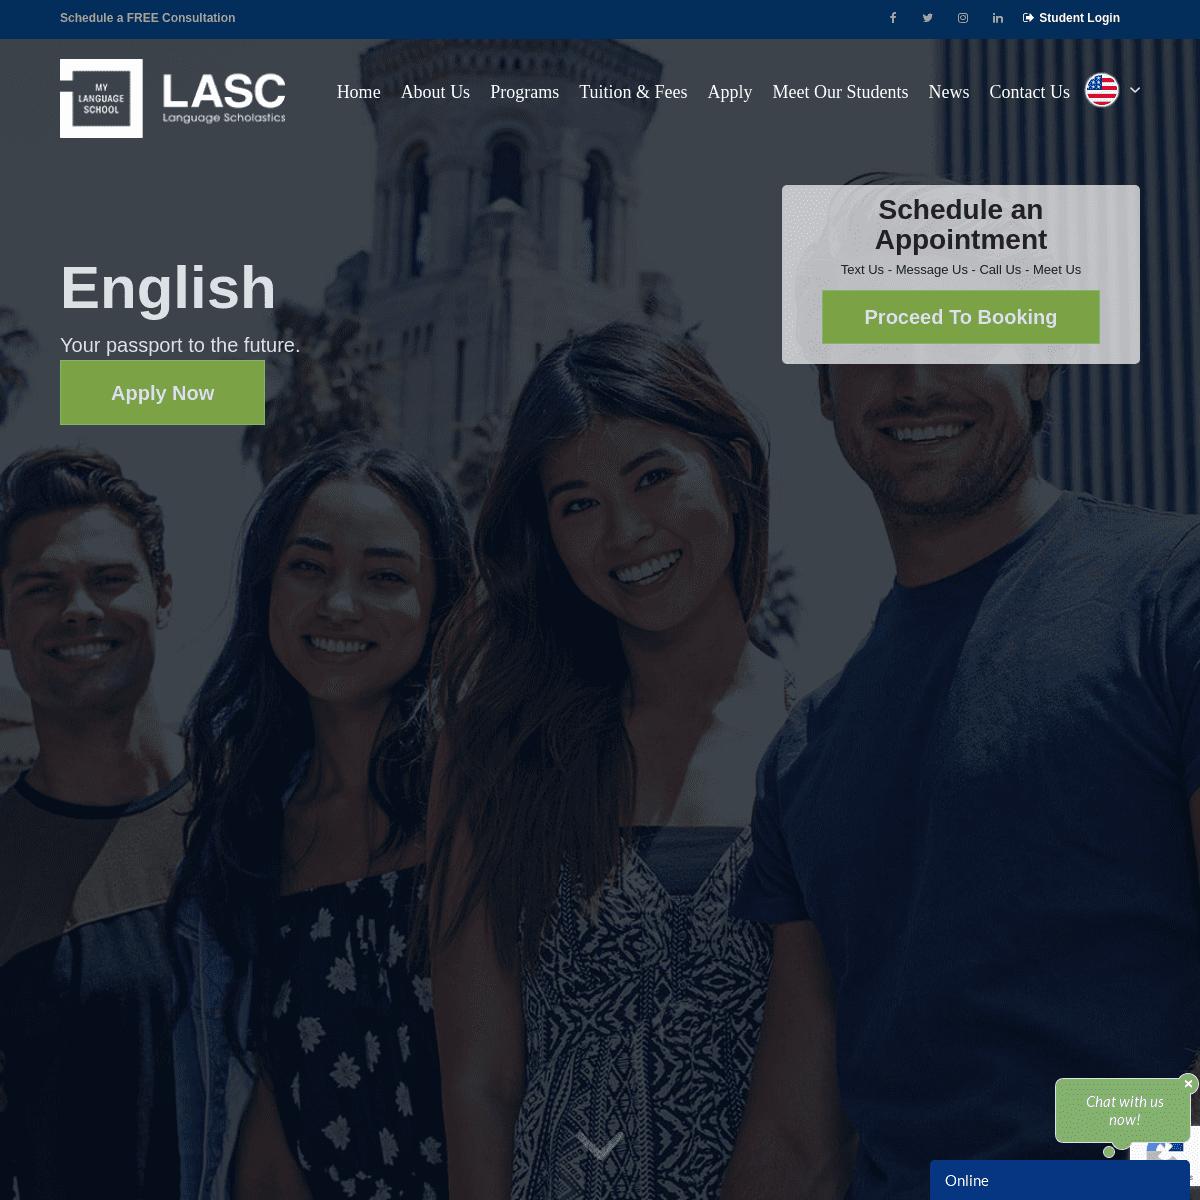 CA ESL School - SEVP Approved - Be English Proficient - LASC